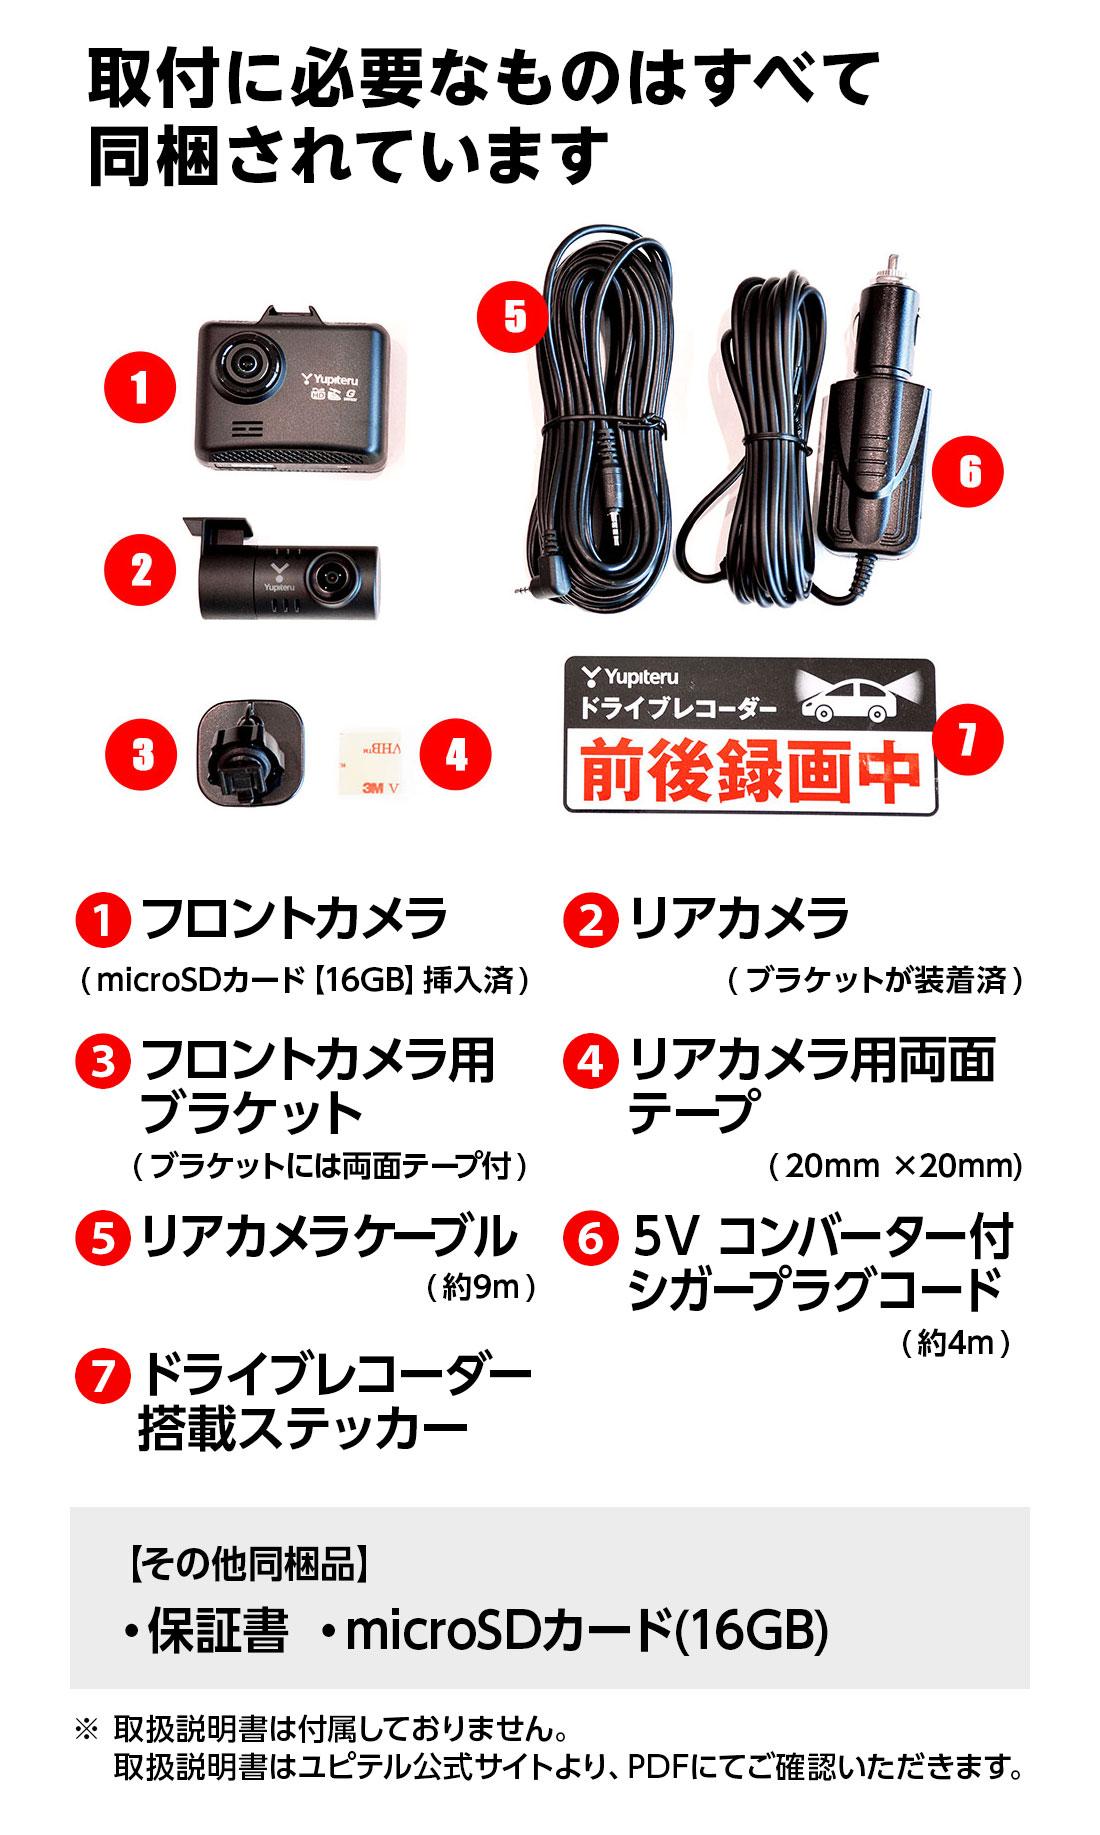 簡易パッケージでも必要なものはすべて同梱 DRY-TW7000c